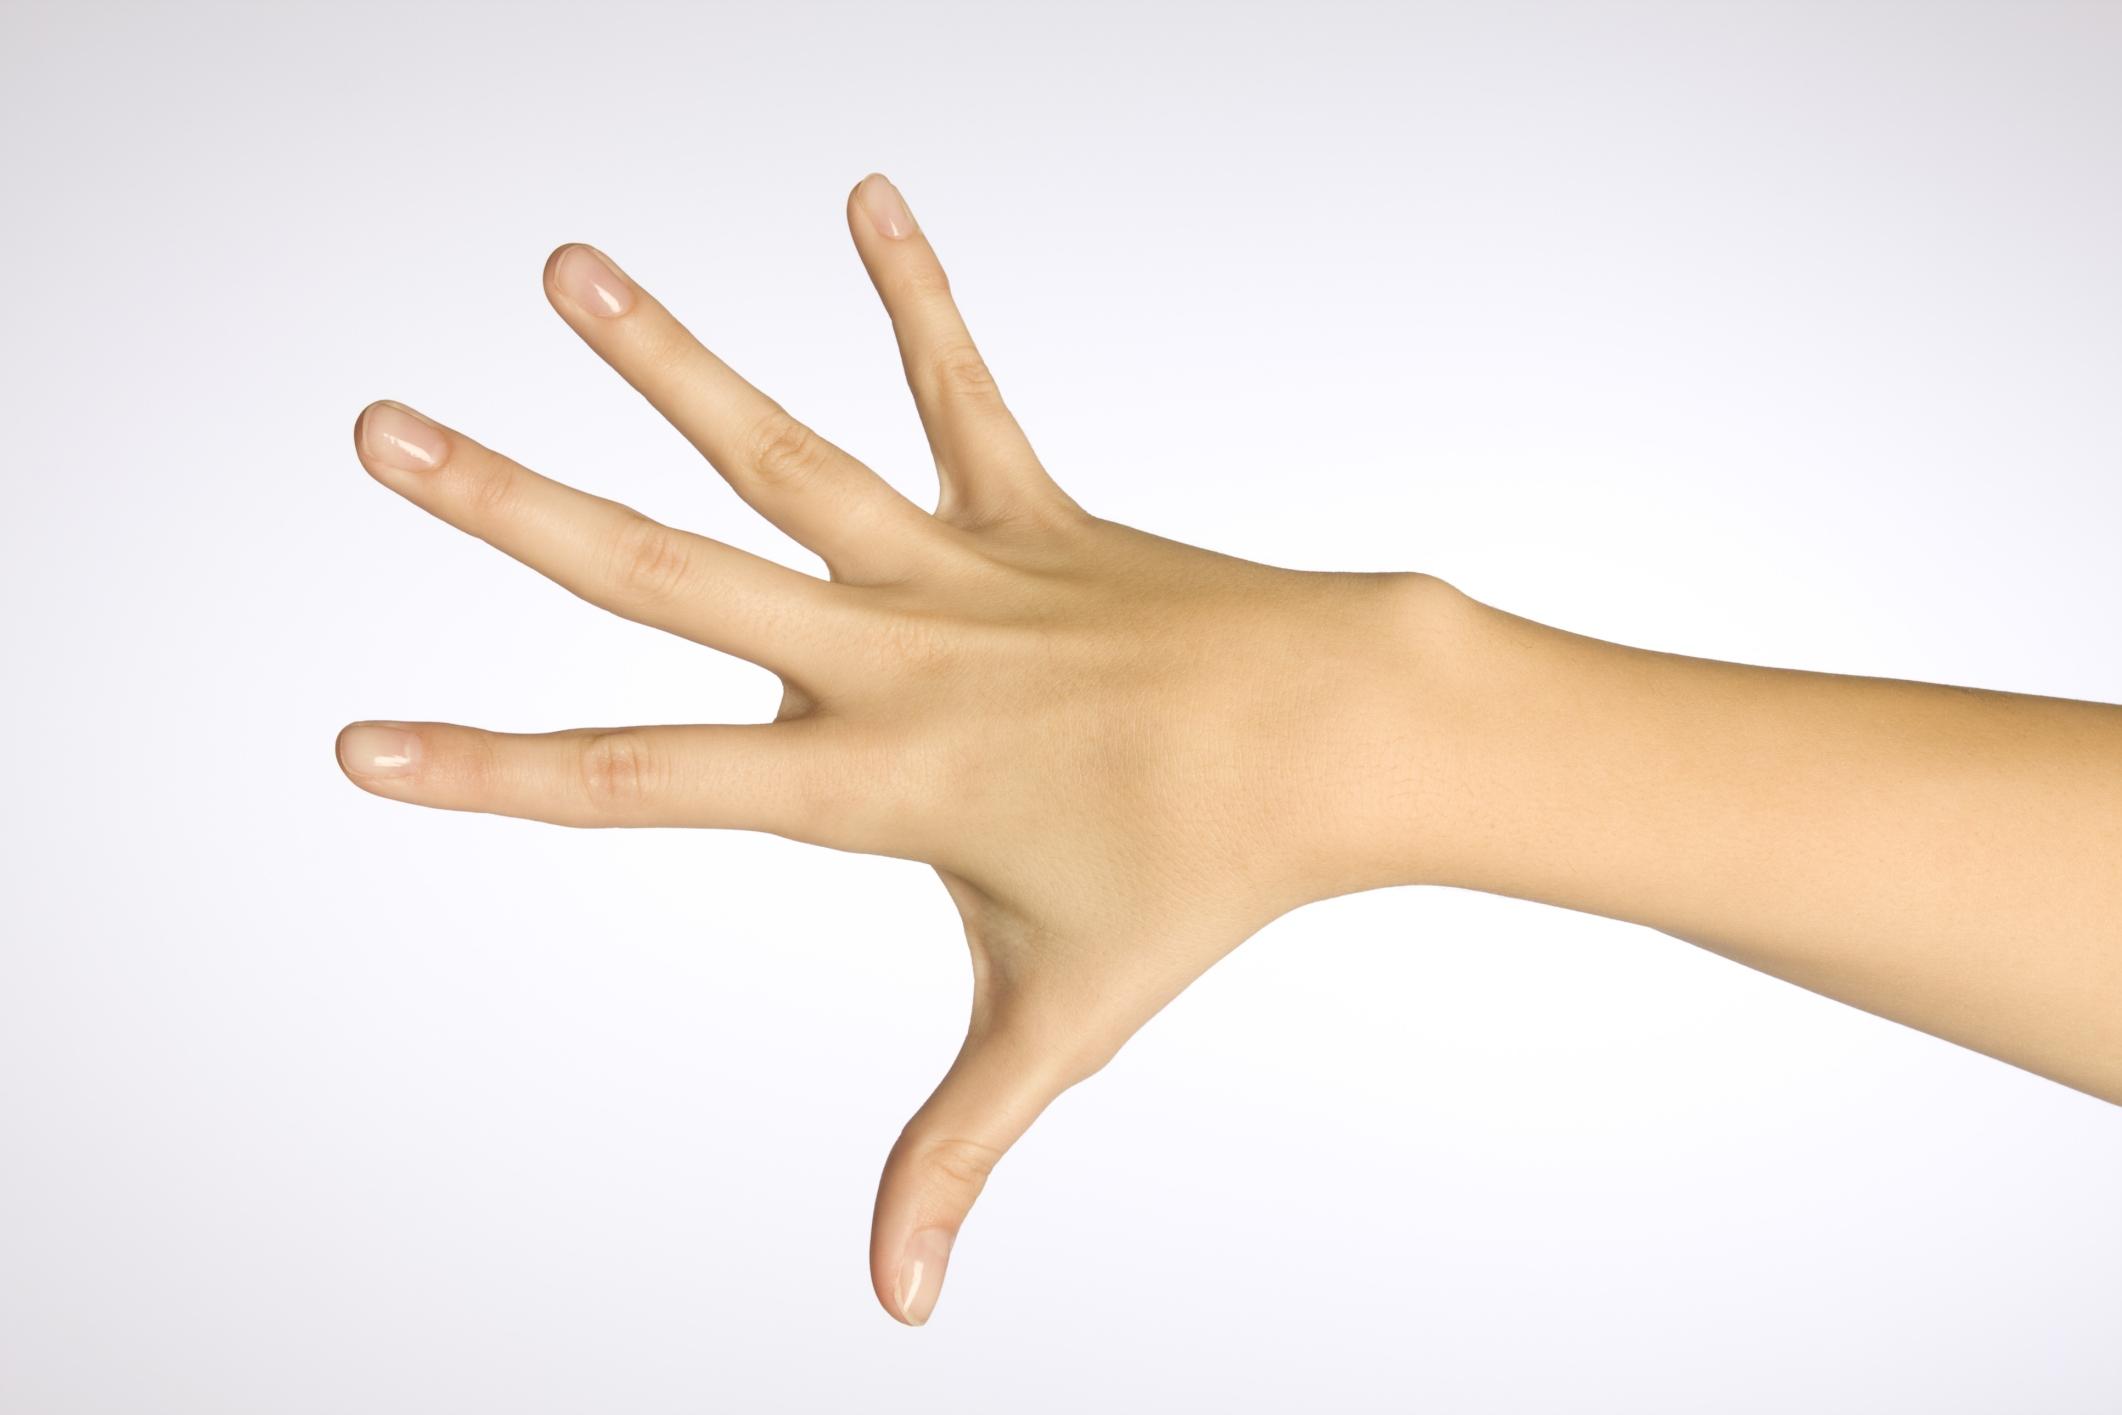 Экзема на руках: чем можно лечить?